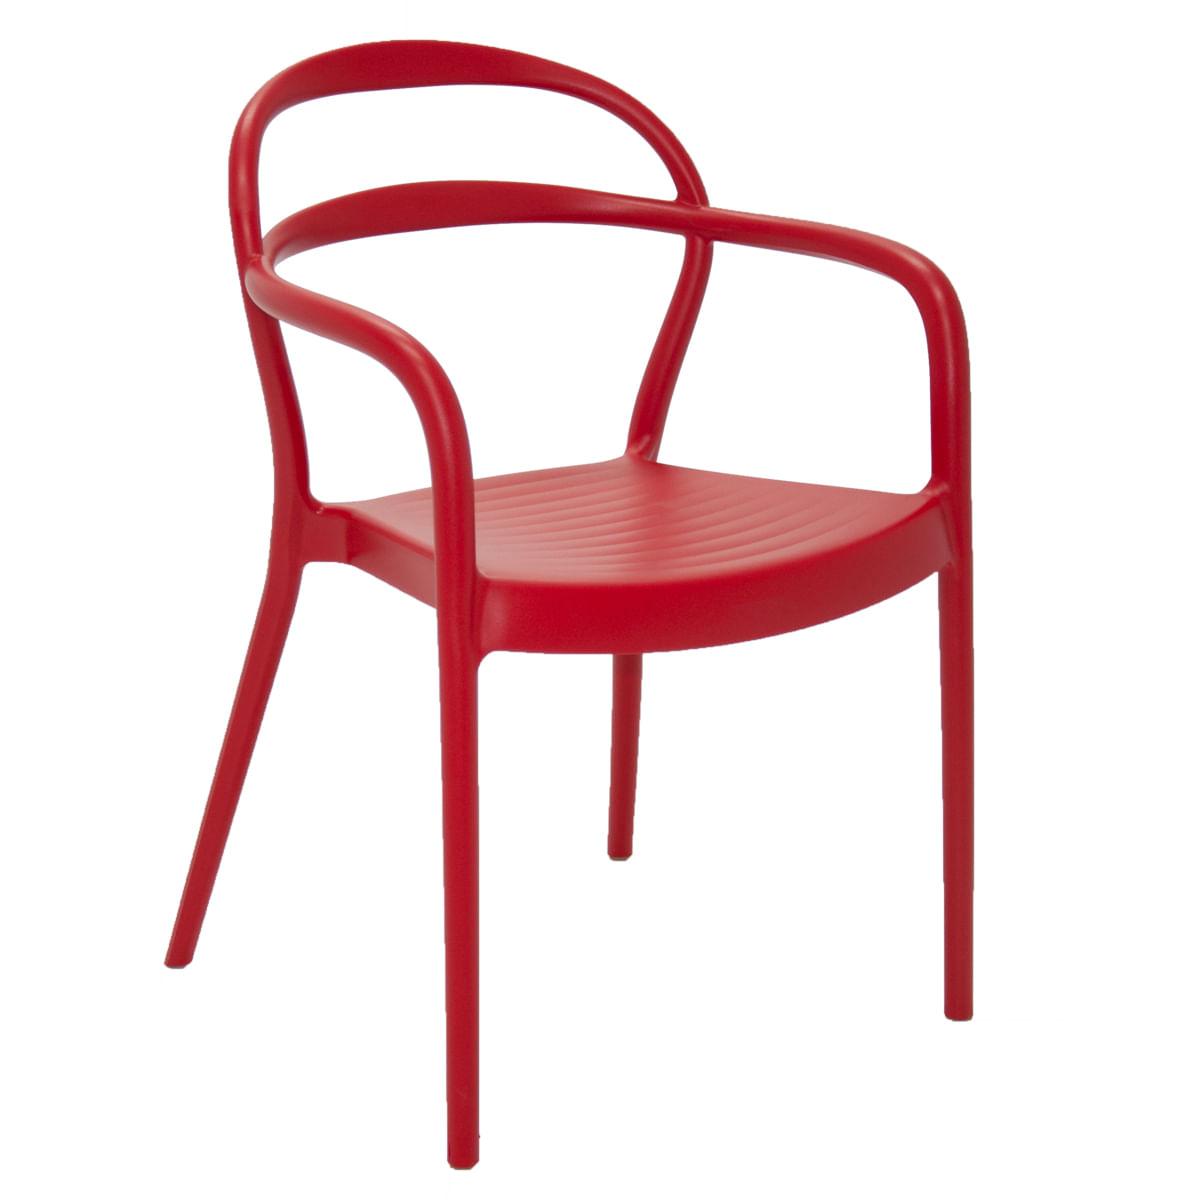 Cadeira Tramontina Sissi com Encosto Vazado em Polipropileno e Fibra de Vidro Vermelho com Braços